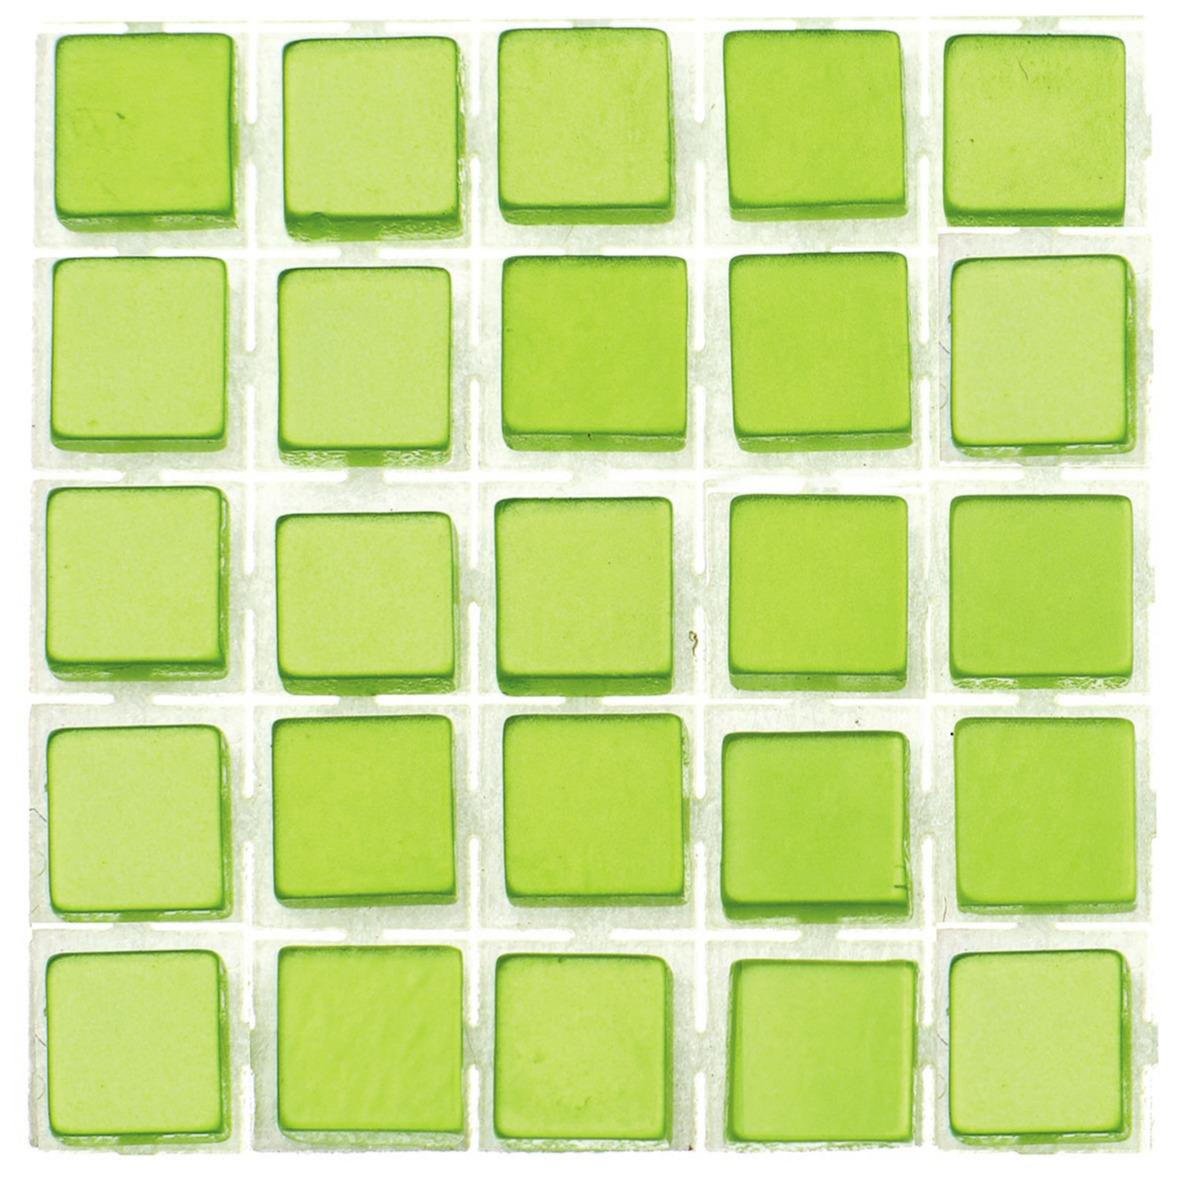 119x stuks mozaieken maken steentjes-tegels kleur lichtgroen 5 x 5 x 2 mm